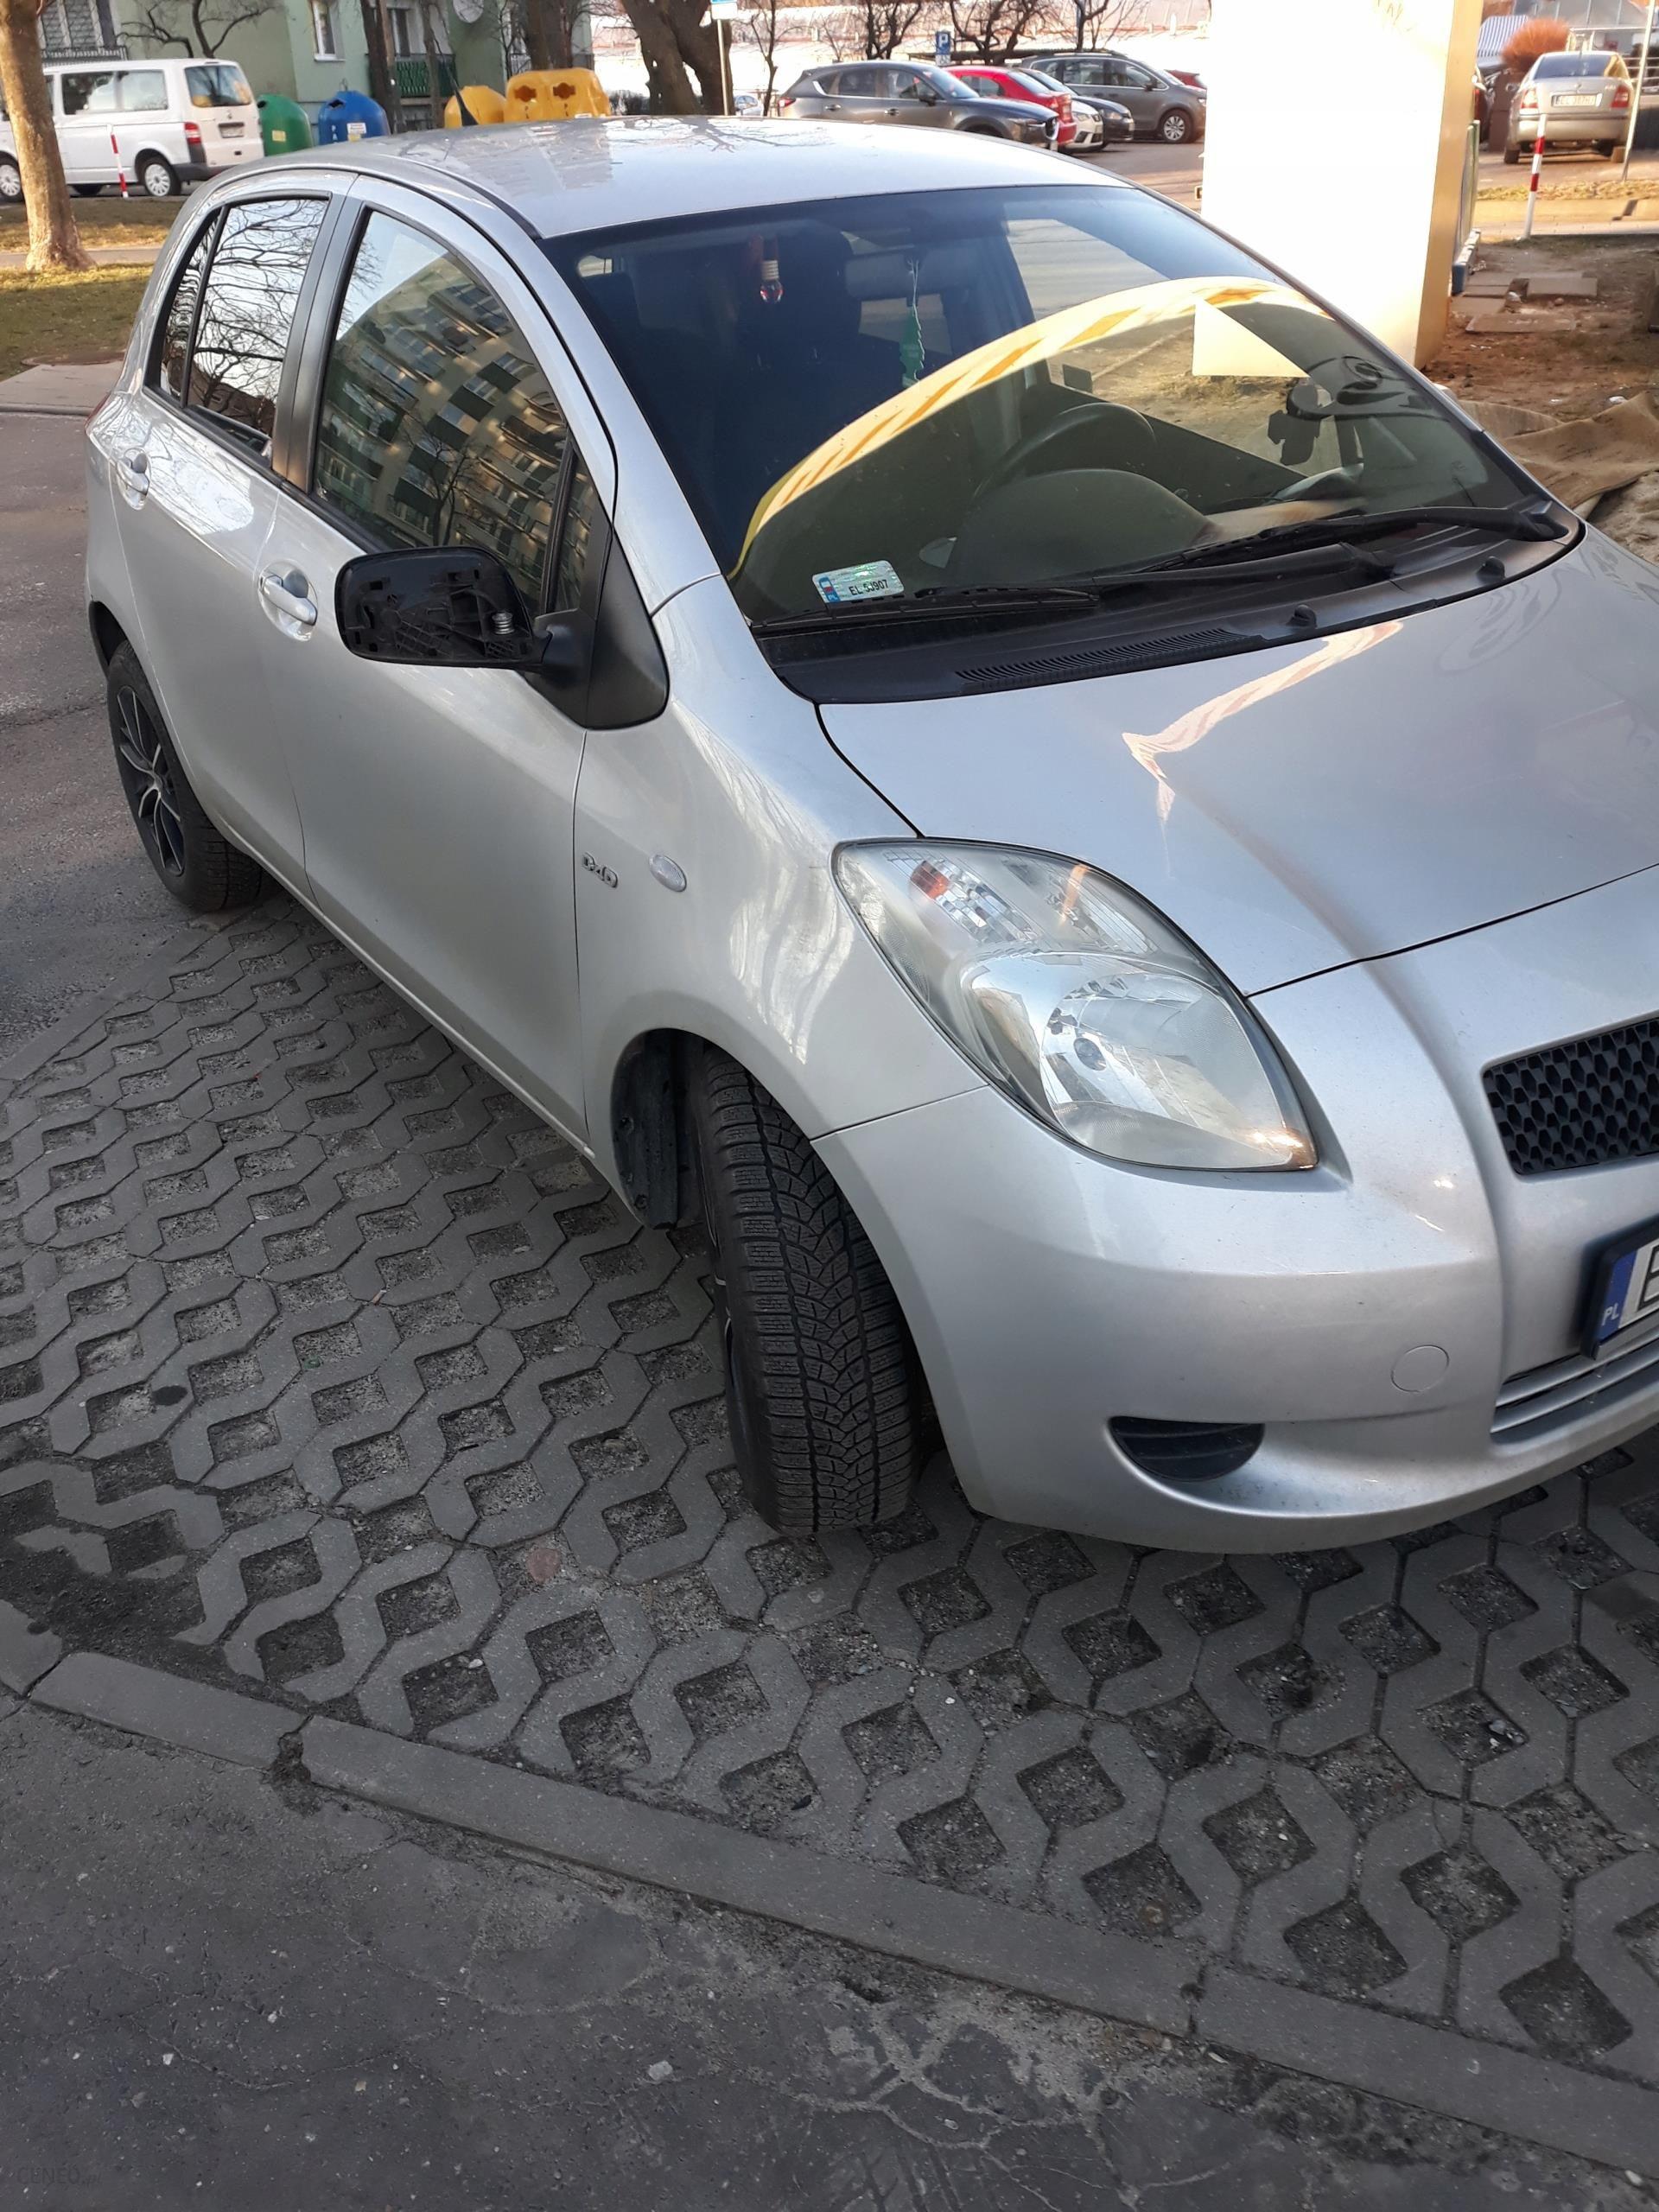 Toyota Yaris Ii 14 D 90 Km 2007 Nowe Opony Zimowe Opinie I Ceny